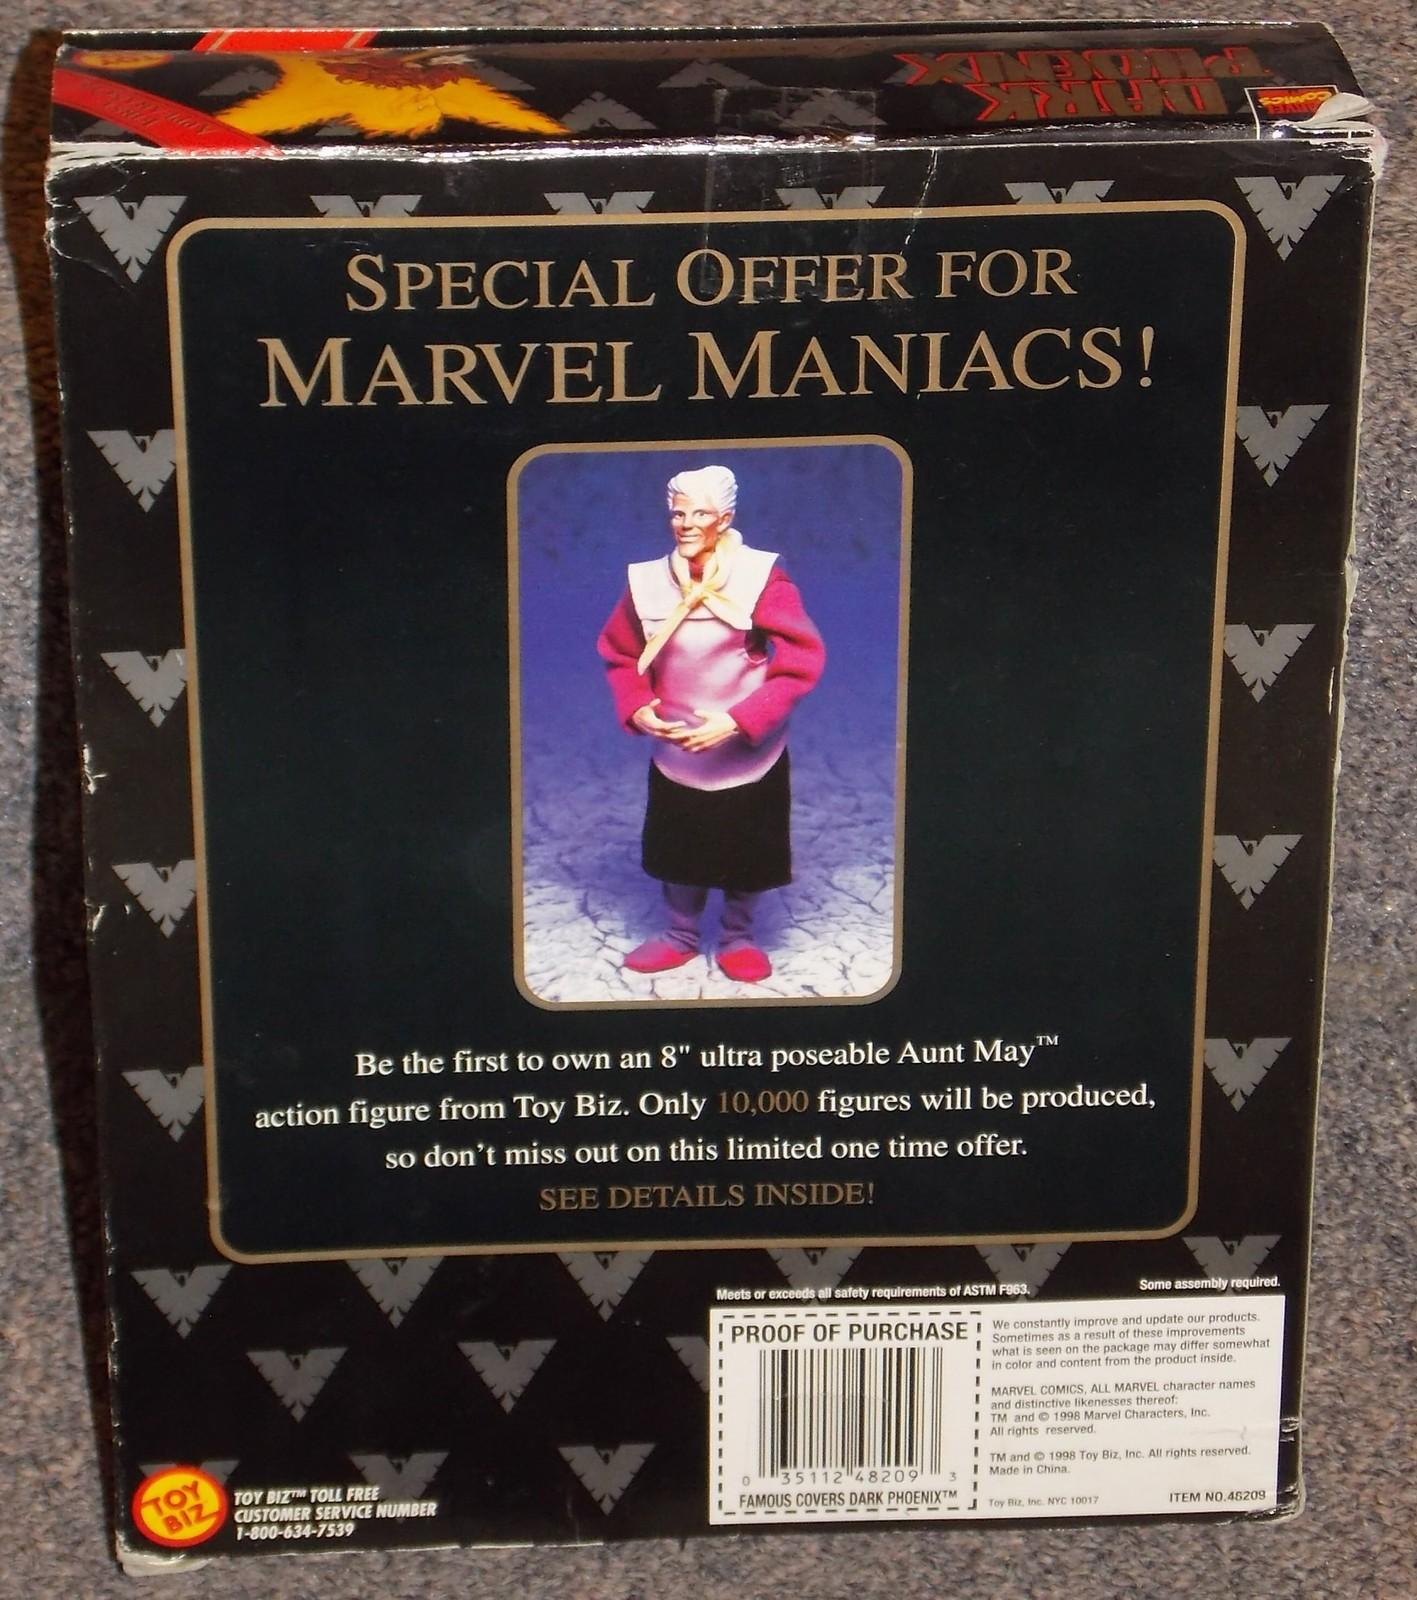 1998 Marvel Comics X-Men Dark Phoenix 8 Inch Action Figure New In The Box